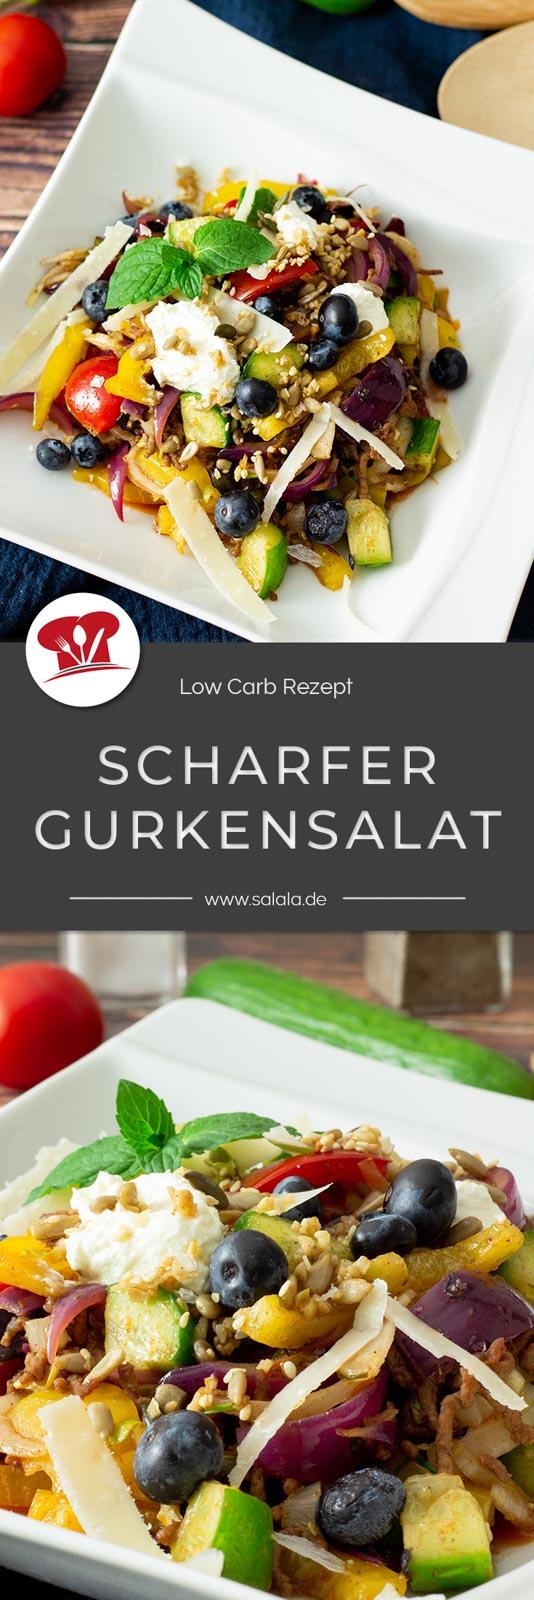 Warm, scharf und trotzdem Salat? Jap das geht. Mit Gurke, Hackfleisch, Chili und Chicoree. Perfekt jetzt für den Herbst. Das Rezept eignet sich aber auch gut als Partysalat. Scharfer Gurkensalat für deine nächste Party, oder sogar zu Halloween? #lowcarb #lowcarbsalat #gurkensalat #warmersalat #scharfersalat #scharfergurkensalat #salatmithackfleiscch